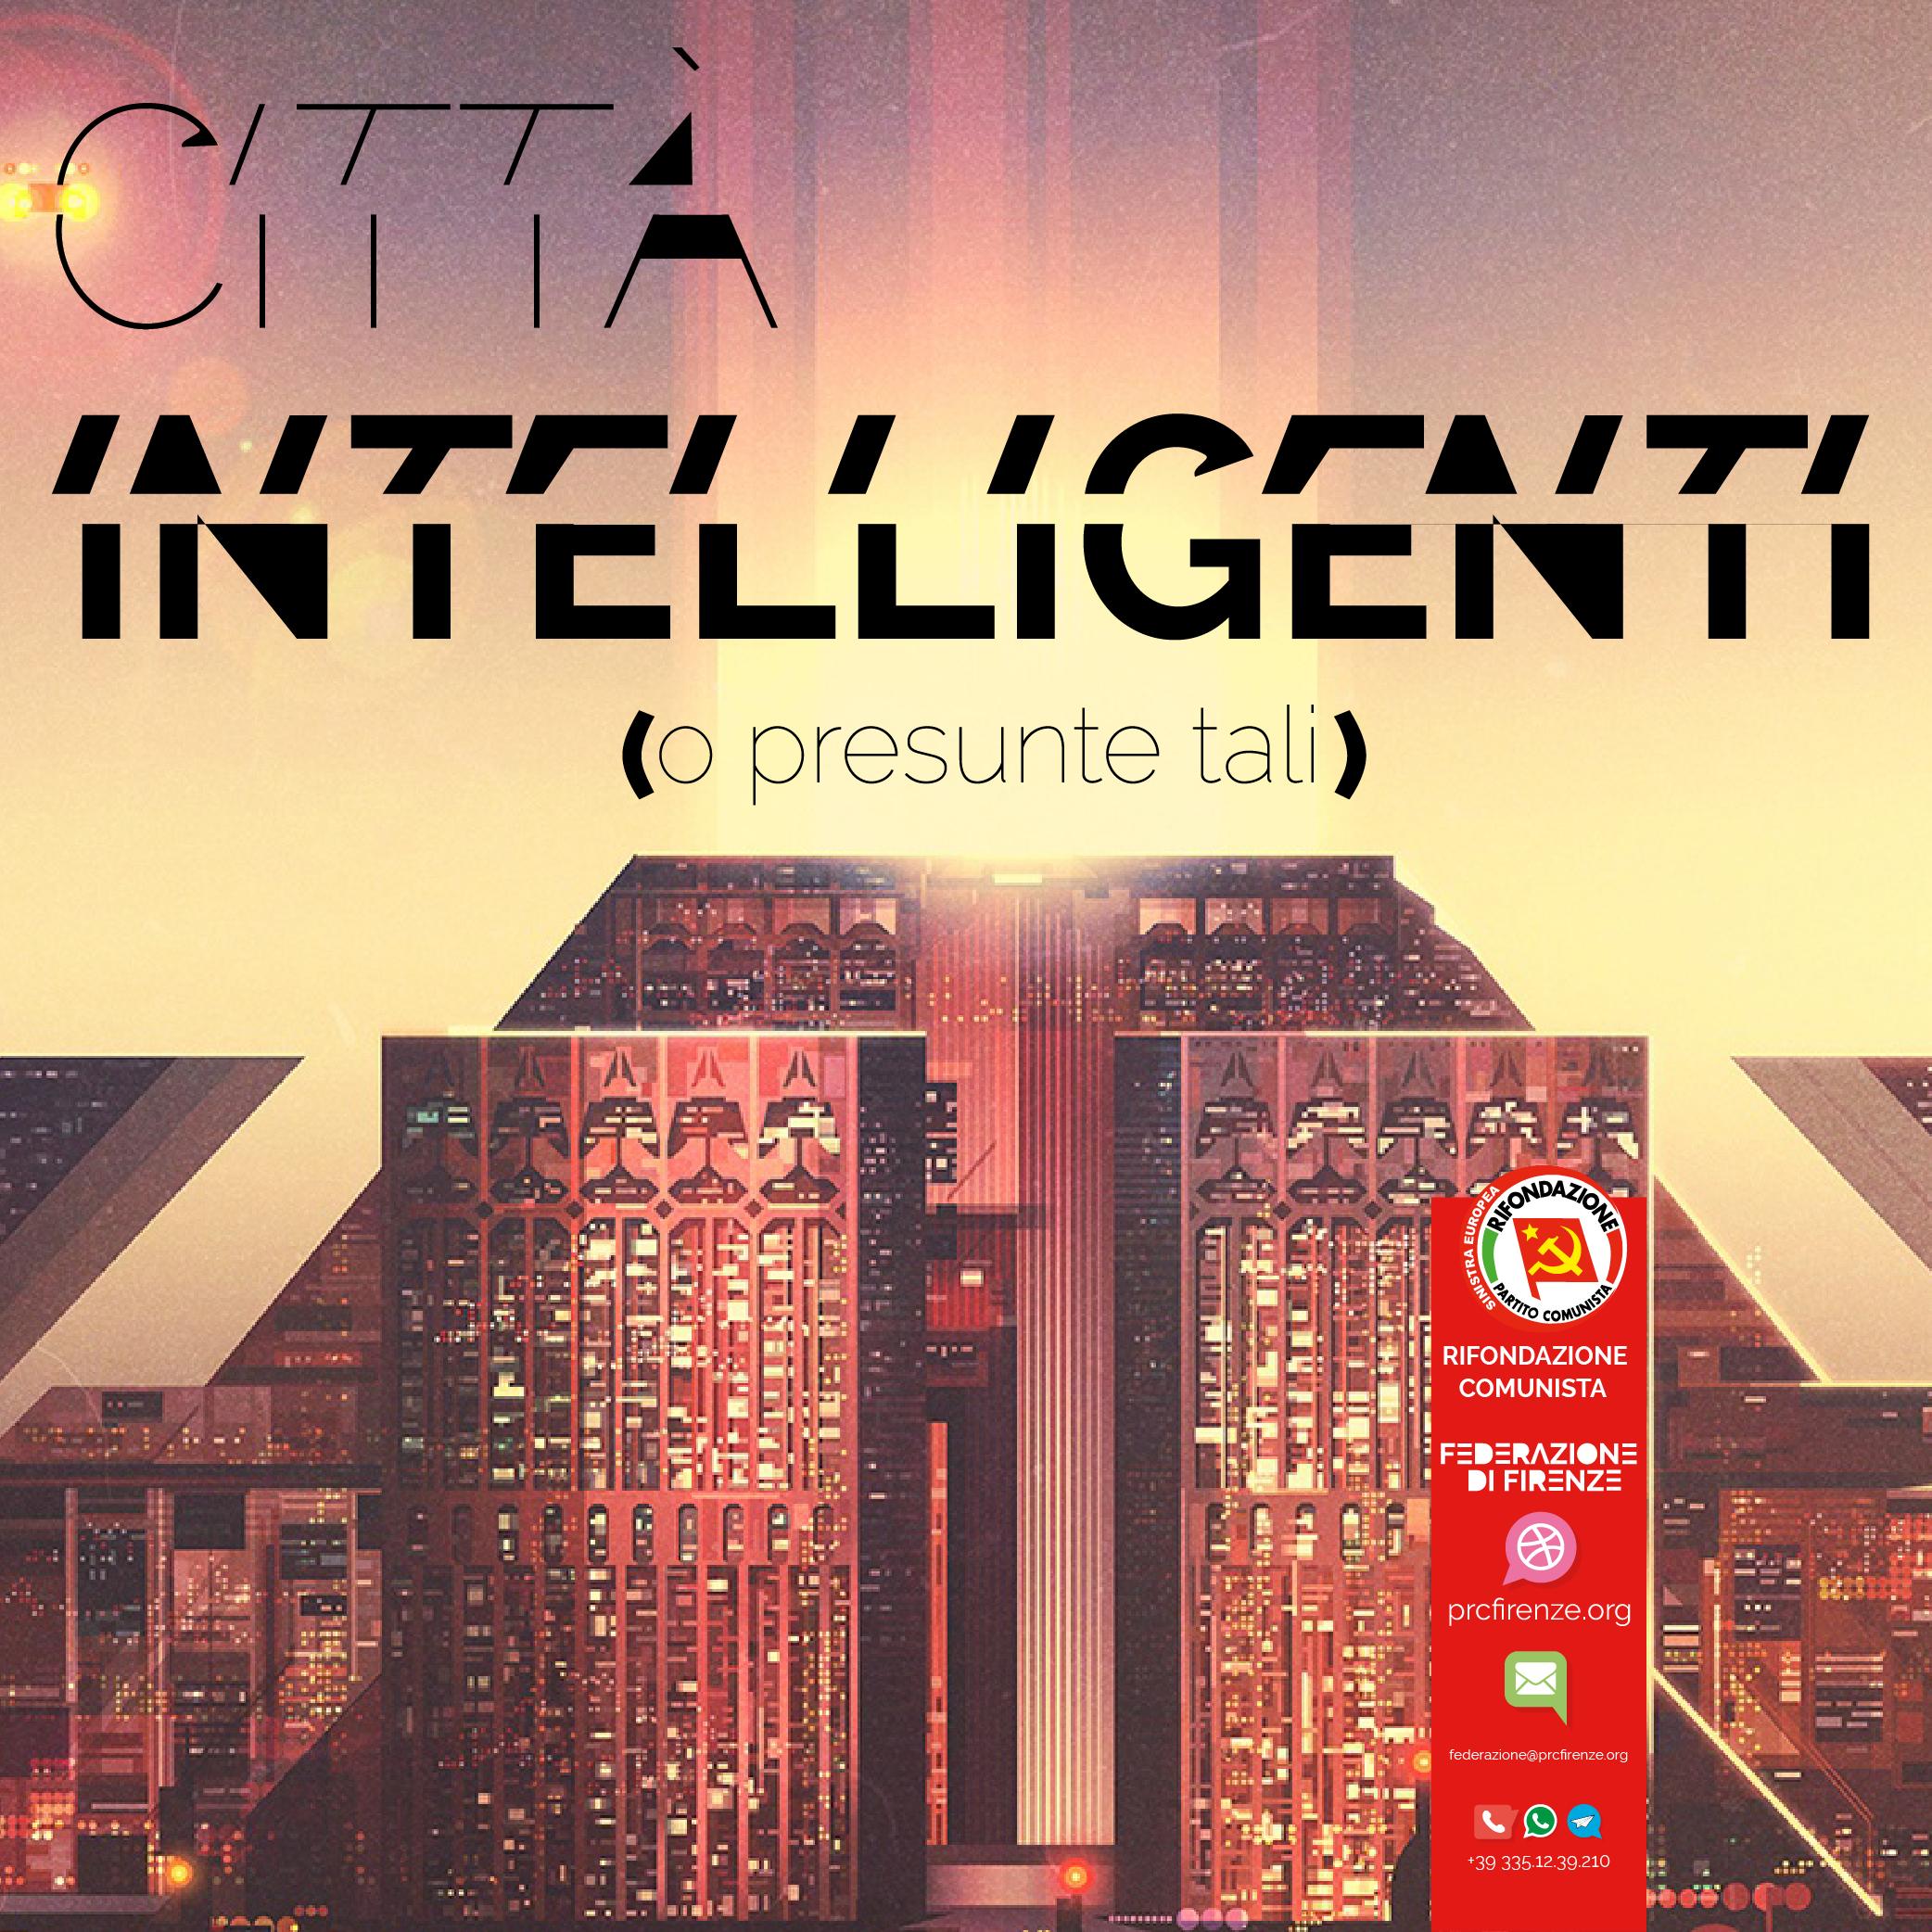 4_CittaIntelligenti-01